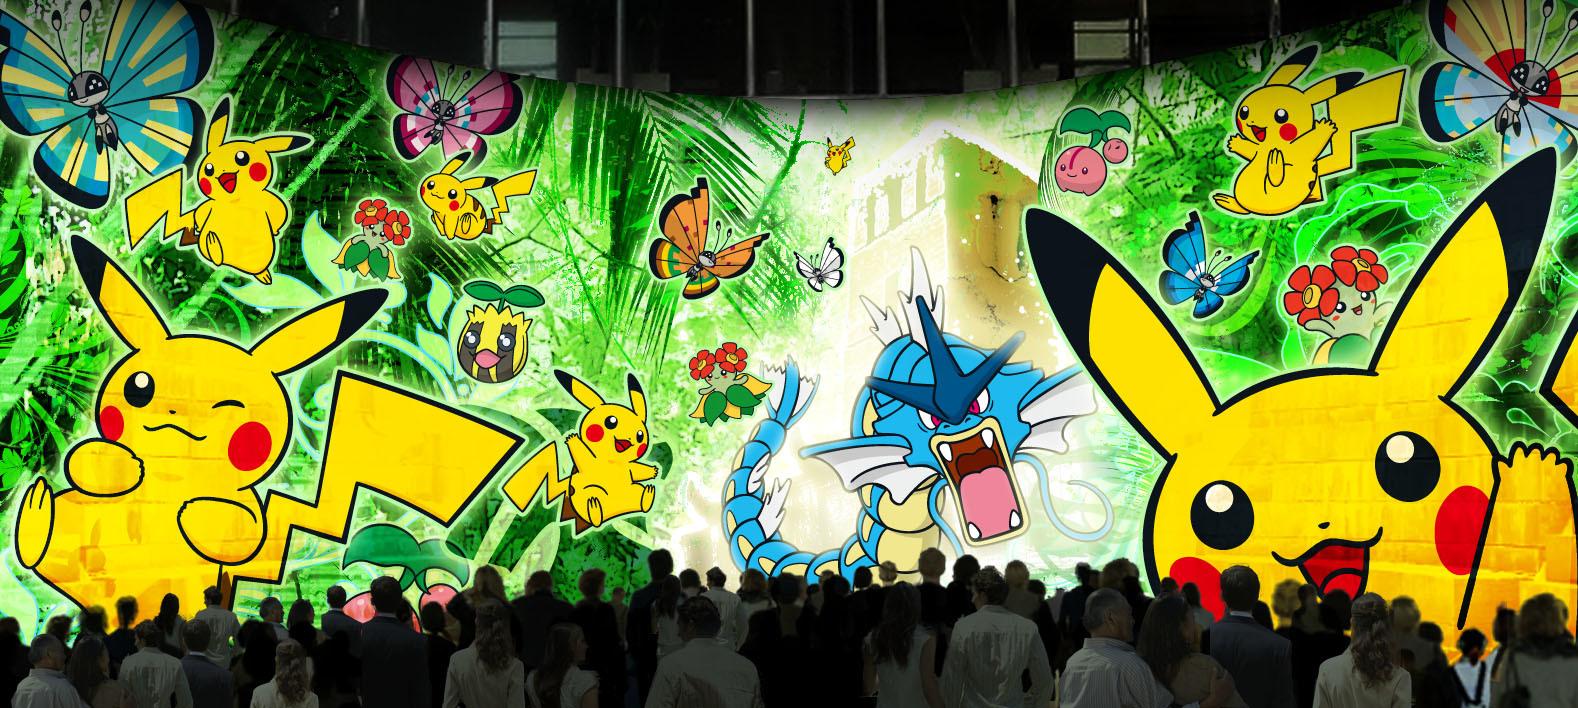 ドックヤード・プロジェクションマッピング『「ピカチュウと踊る探検家」~ジャングル遺跡の謎~』イメージ ©2015 Pokémon. ©1995-2015 Nintendo/Creatures Inc. /GAME FREAK inc. ポケットモンスター・ポケモン・Pokémonは任天堂・クリーチャーズ・ゲームフリークの登録商標です。